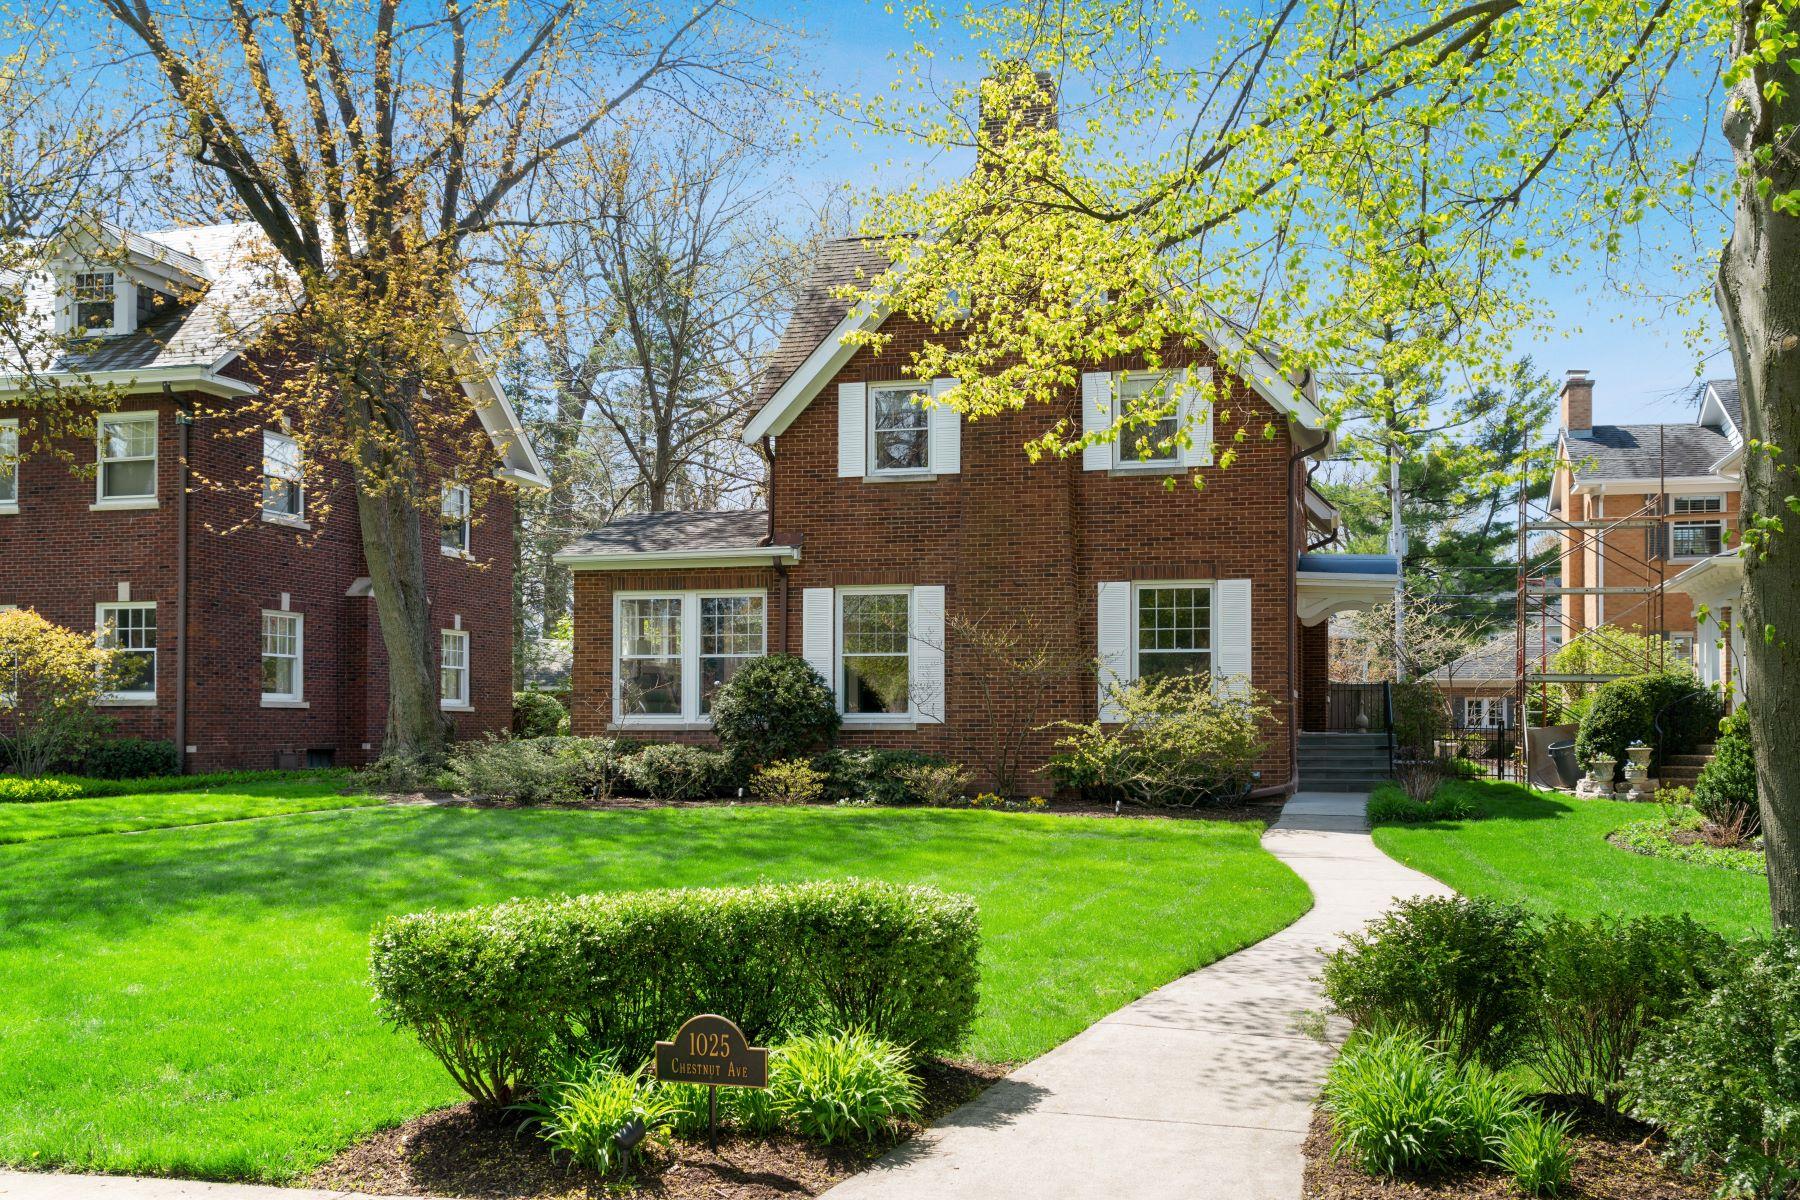 Частный односемейный дом для того Продажа на Prime East Wilmette Location 1025 Chestnut Avenue Wilmette, Иллинойс 60091 Соединенные Штаты